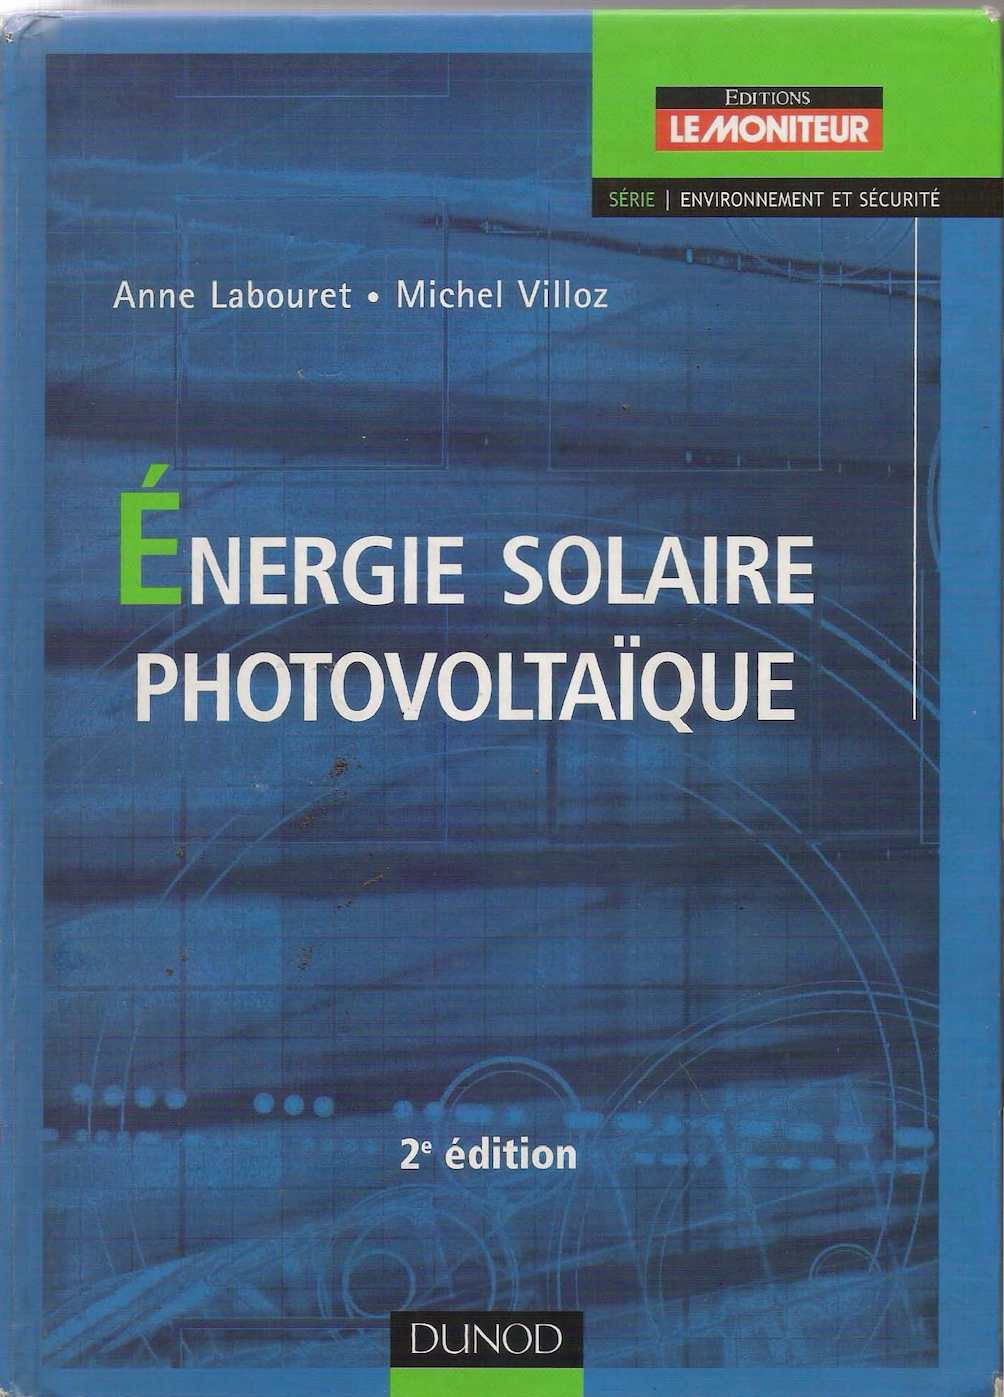 Électricité Capacité Puissance Polycristall 200 W 260 Watt Panneau solaire PV